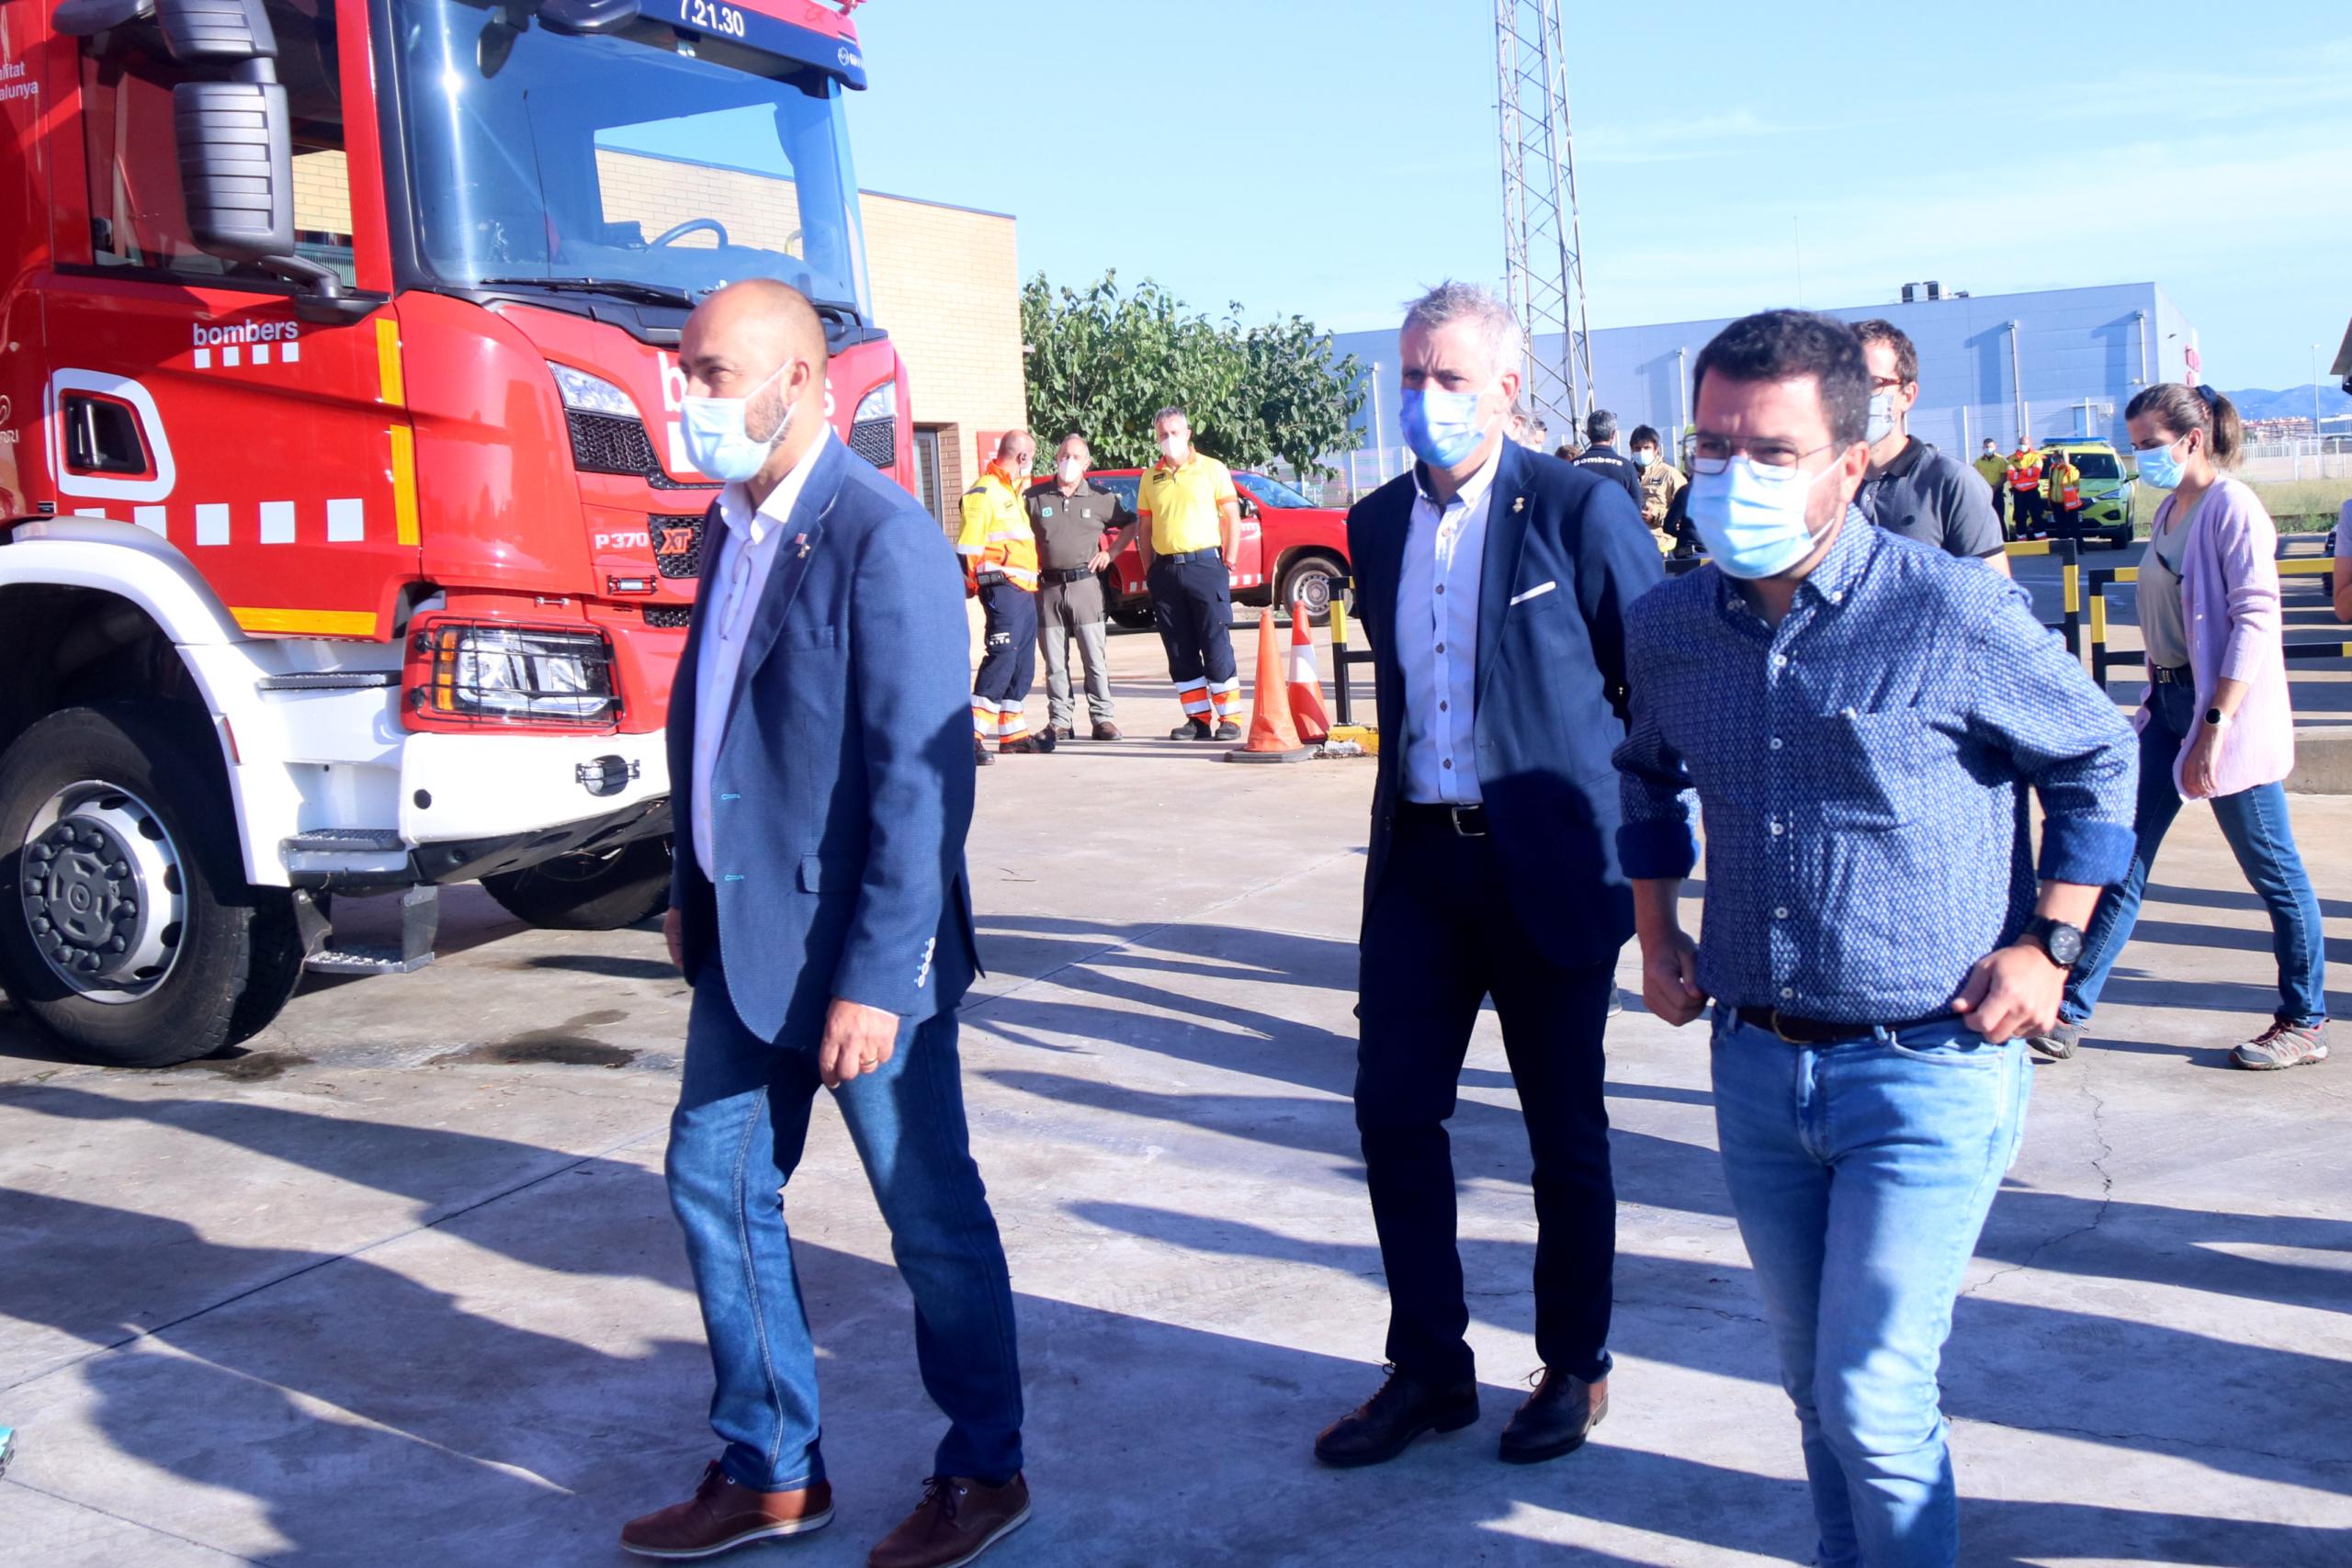 El president de la Generalitat, Pere Aragonès, arribant al parc de bombers d'Amposta (ACN)